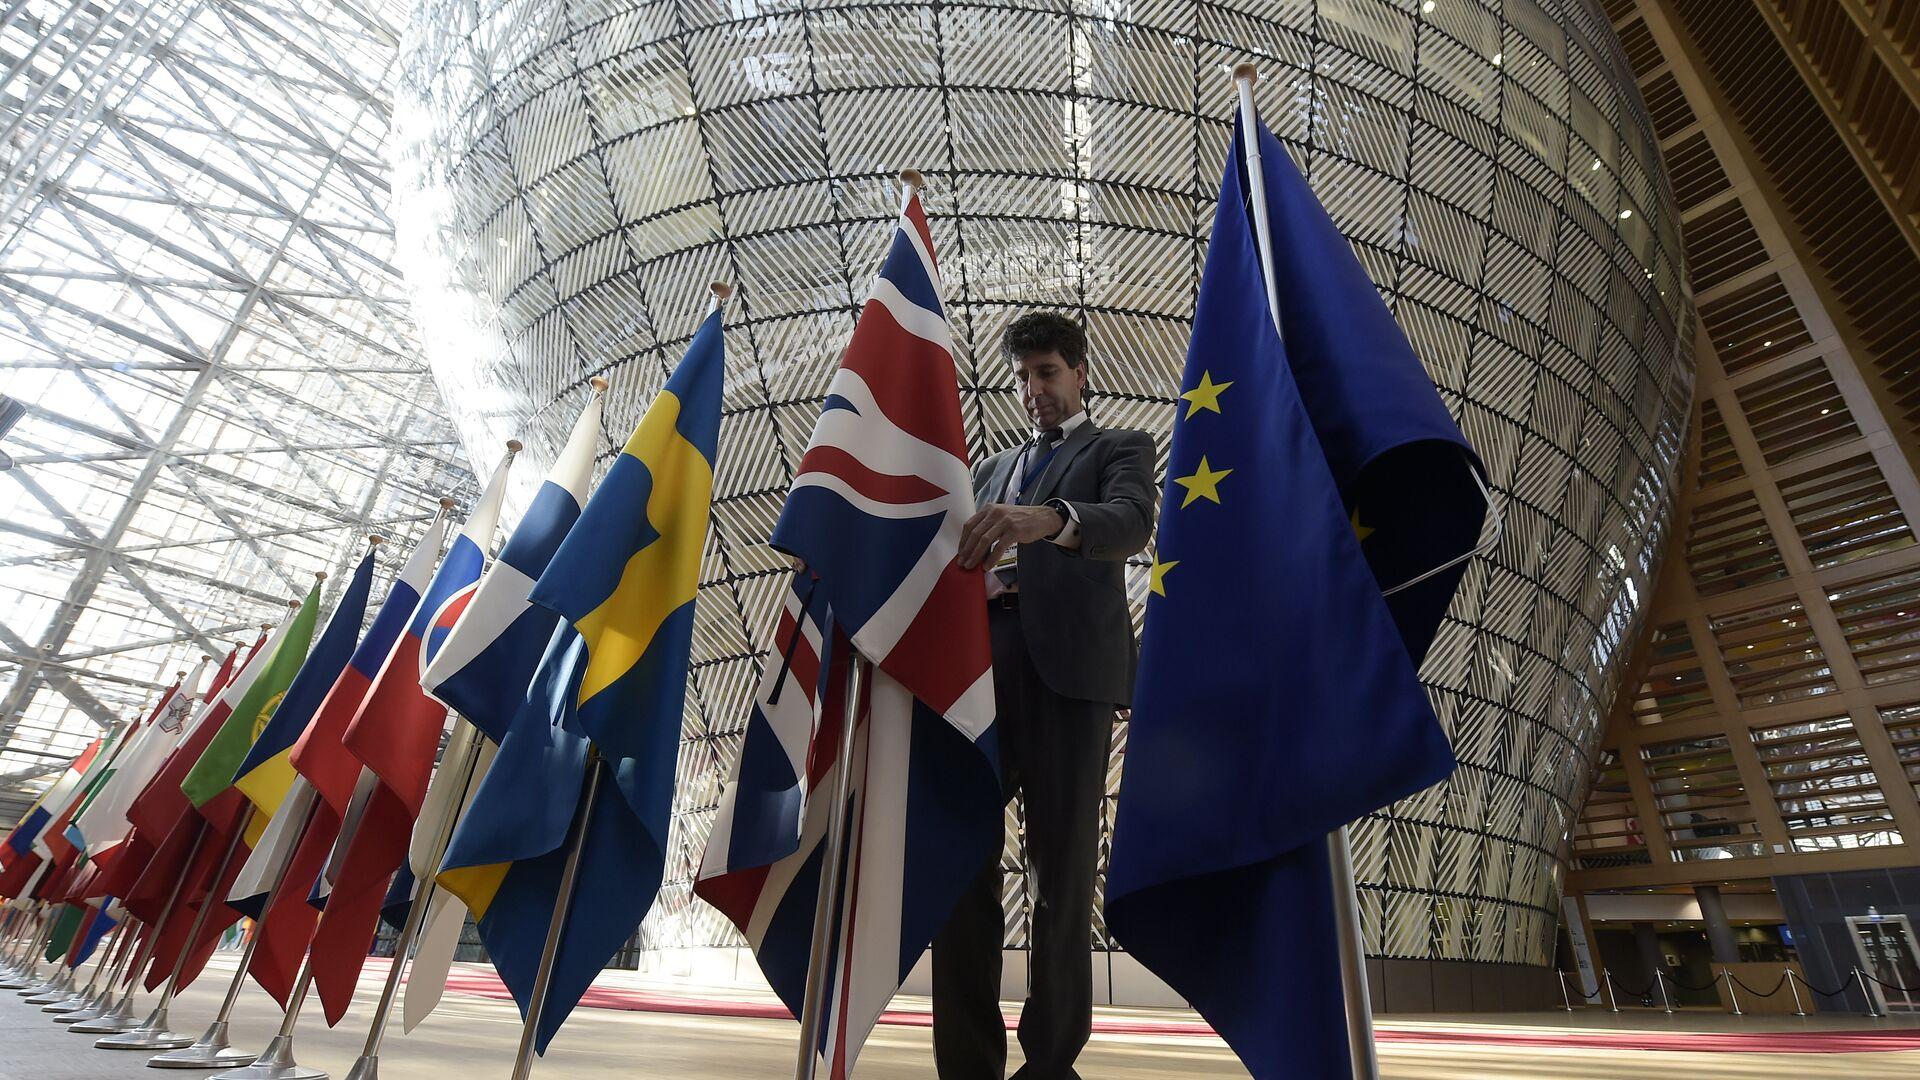 Флаги стран-участниц Евросоюза и Великобритании в здании штаб-квартиры ЕС в Брюсселе - РИА Новости, 1920, 29.04.2021